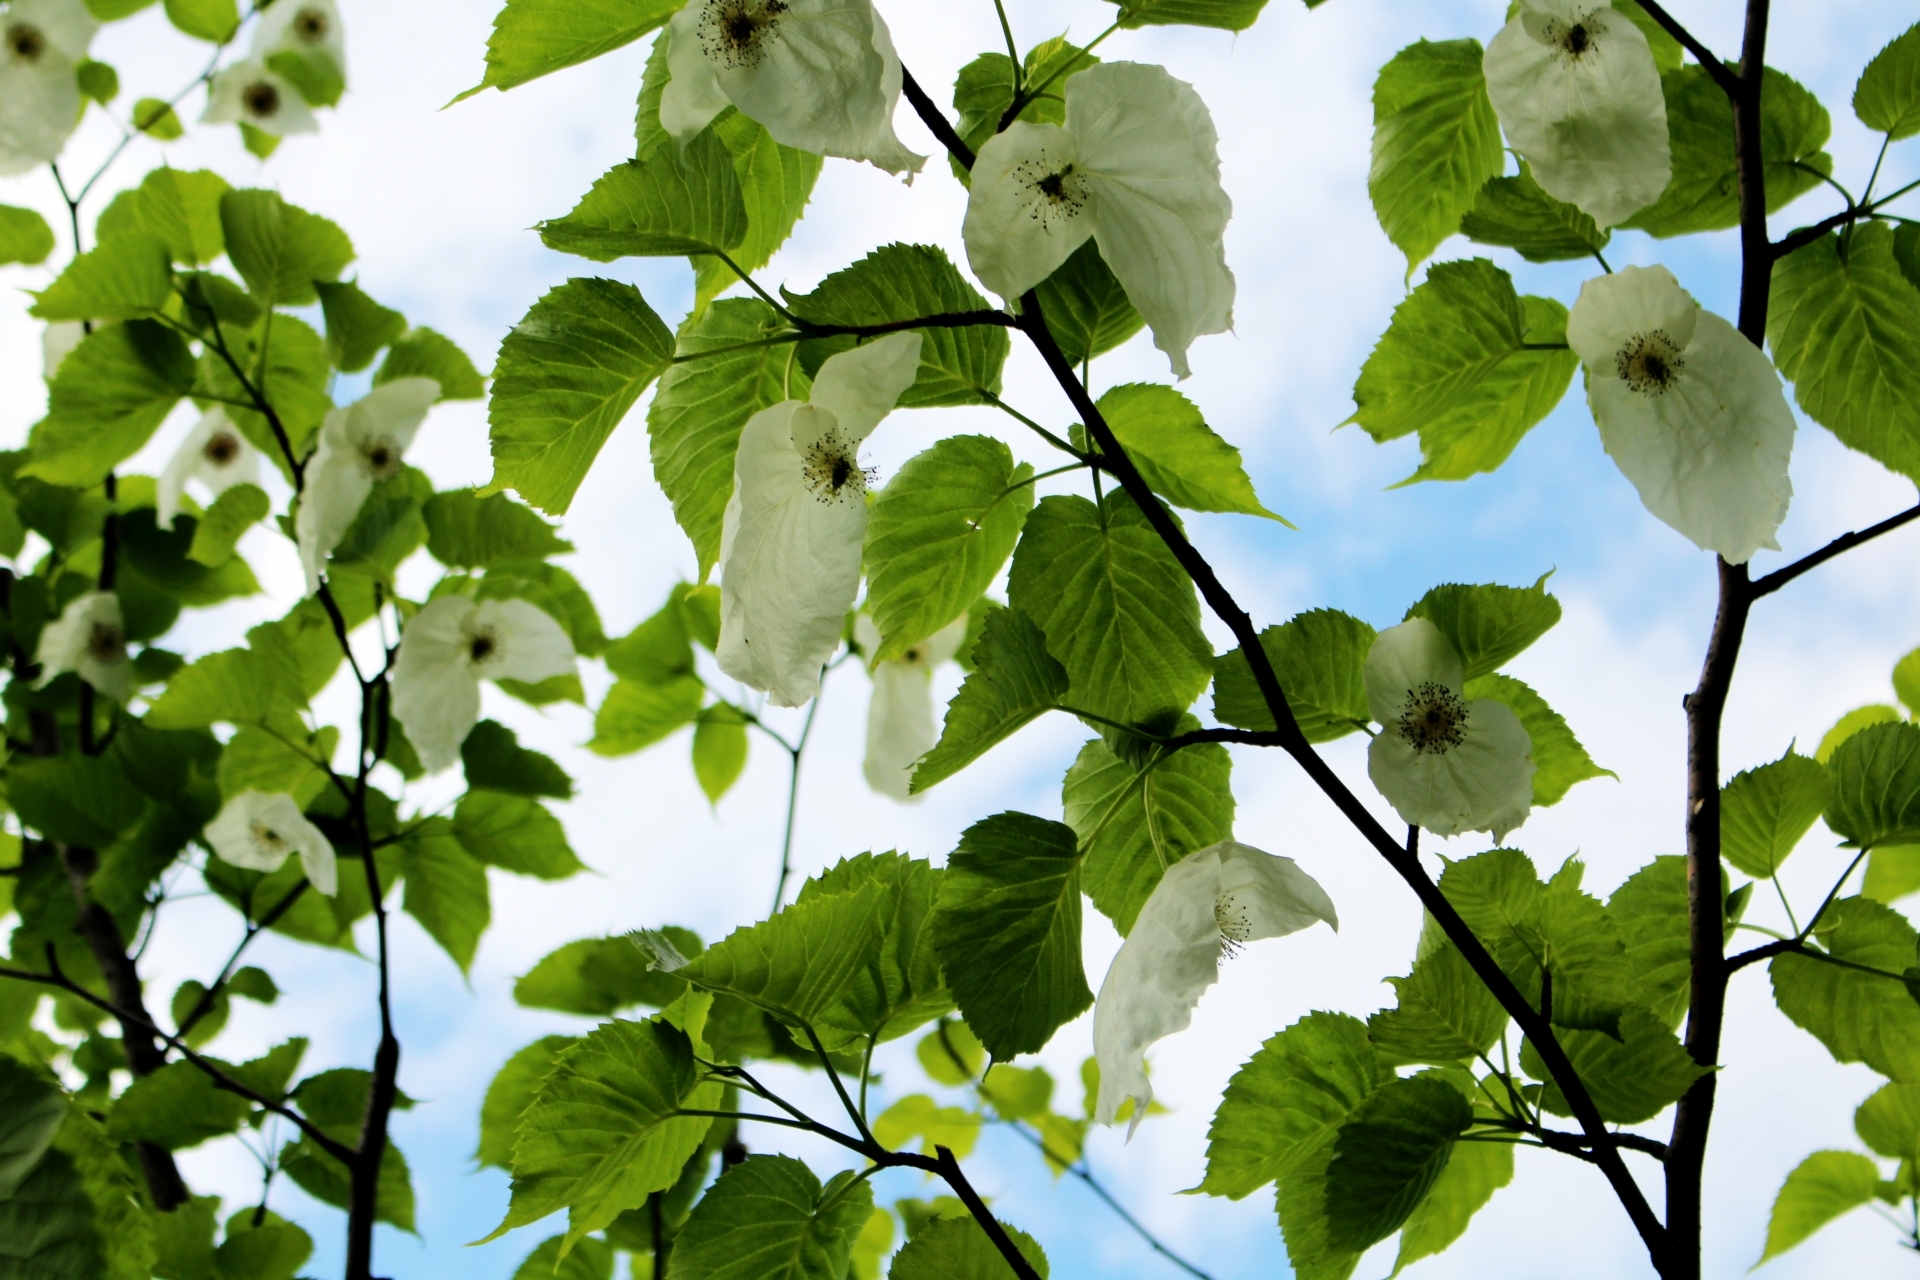 ハンカチの木とは?その特徴や名前の由来をご紹介!実は食べられる?